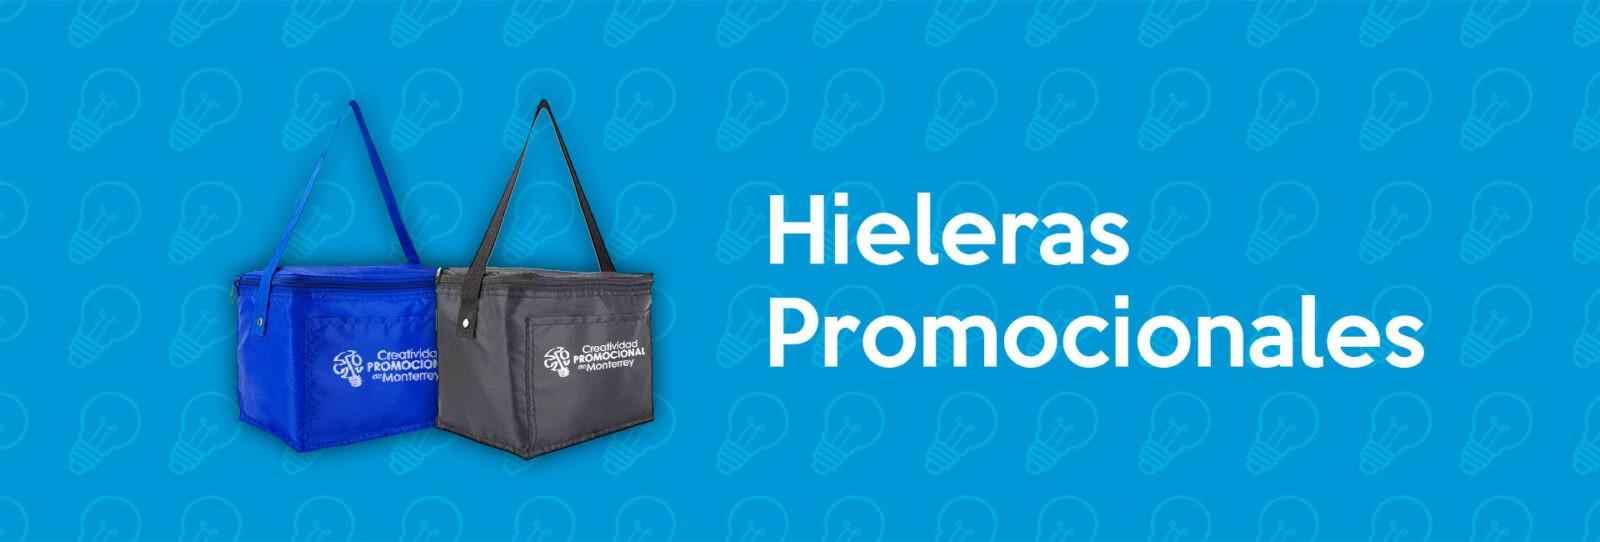 Hieleras-Promocionales